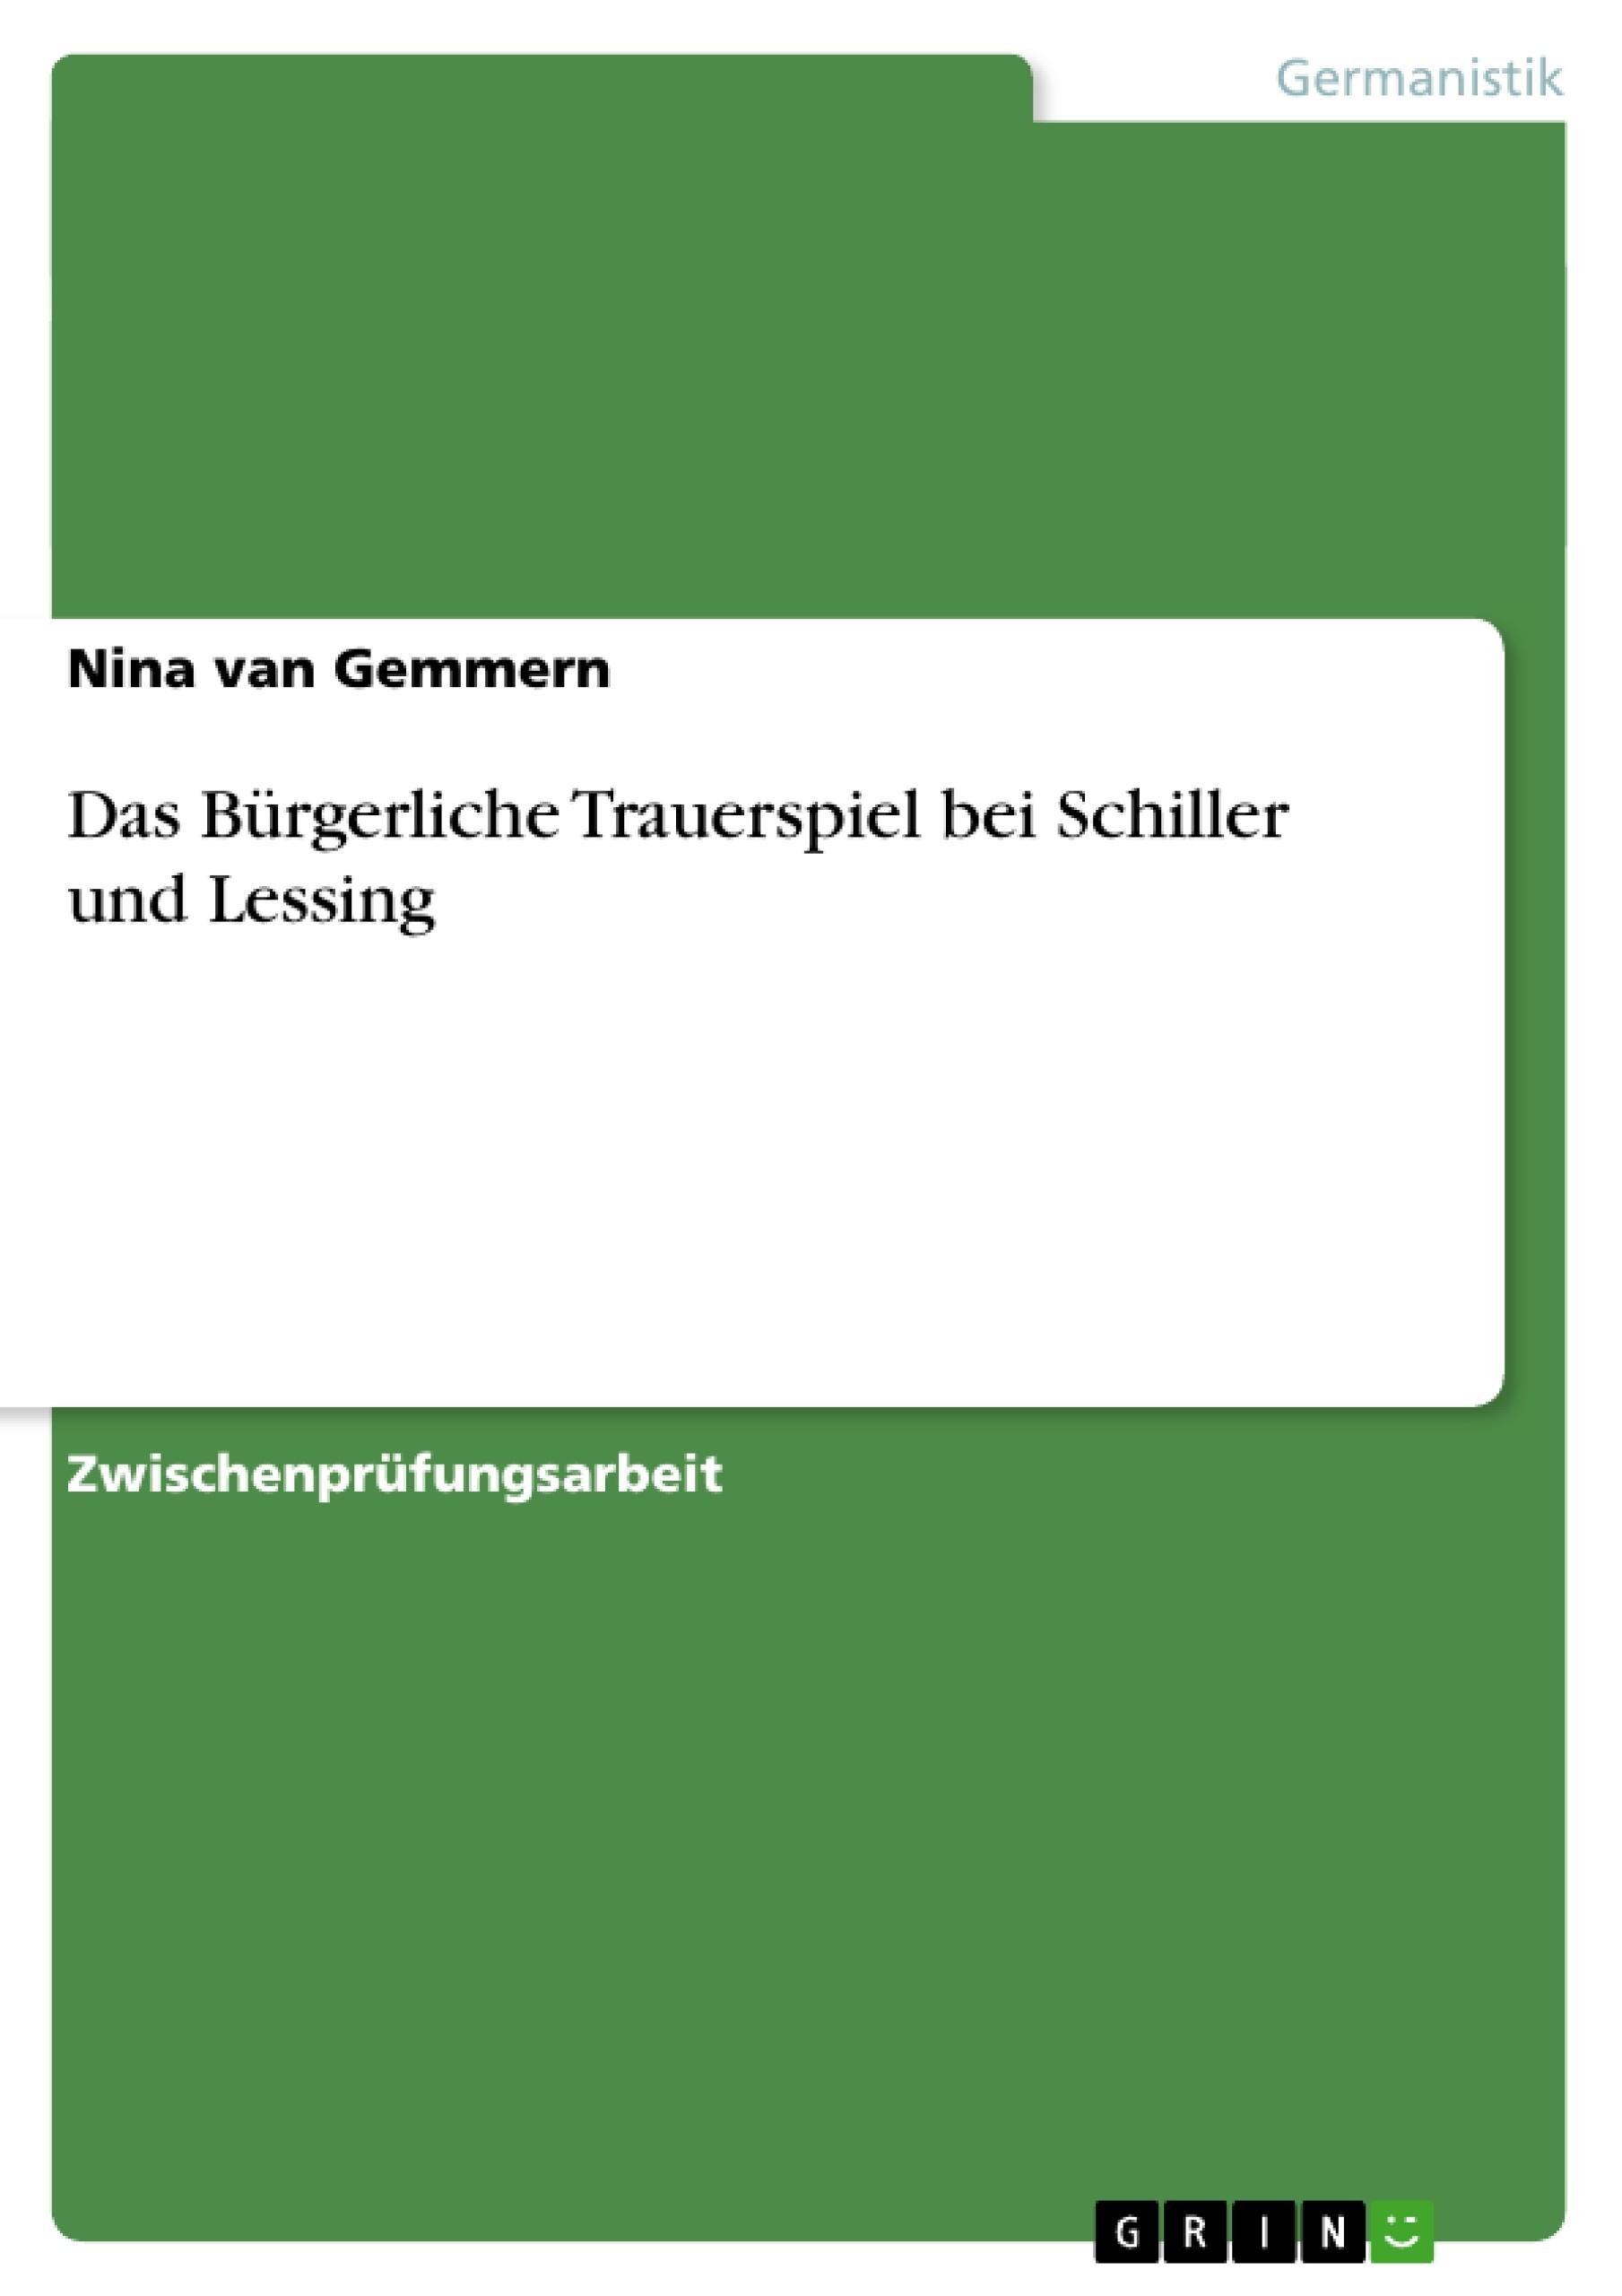 Titel: Das Bürgerliche Trauerspiel bei Schiller und Lessing